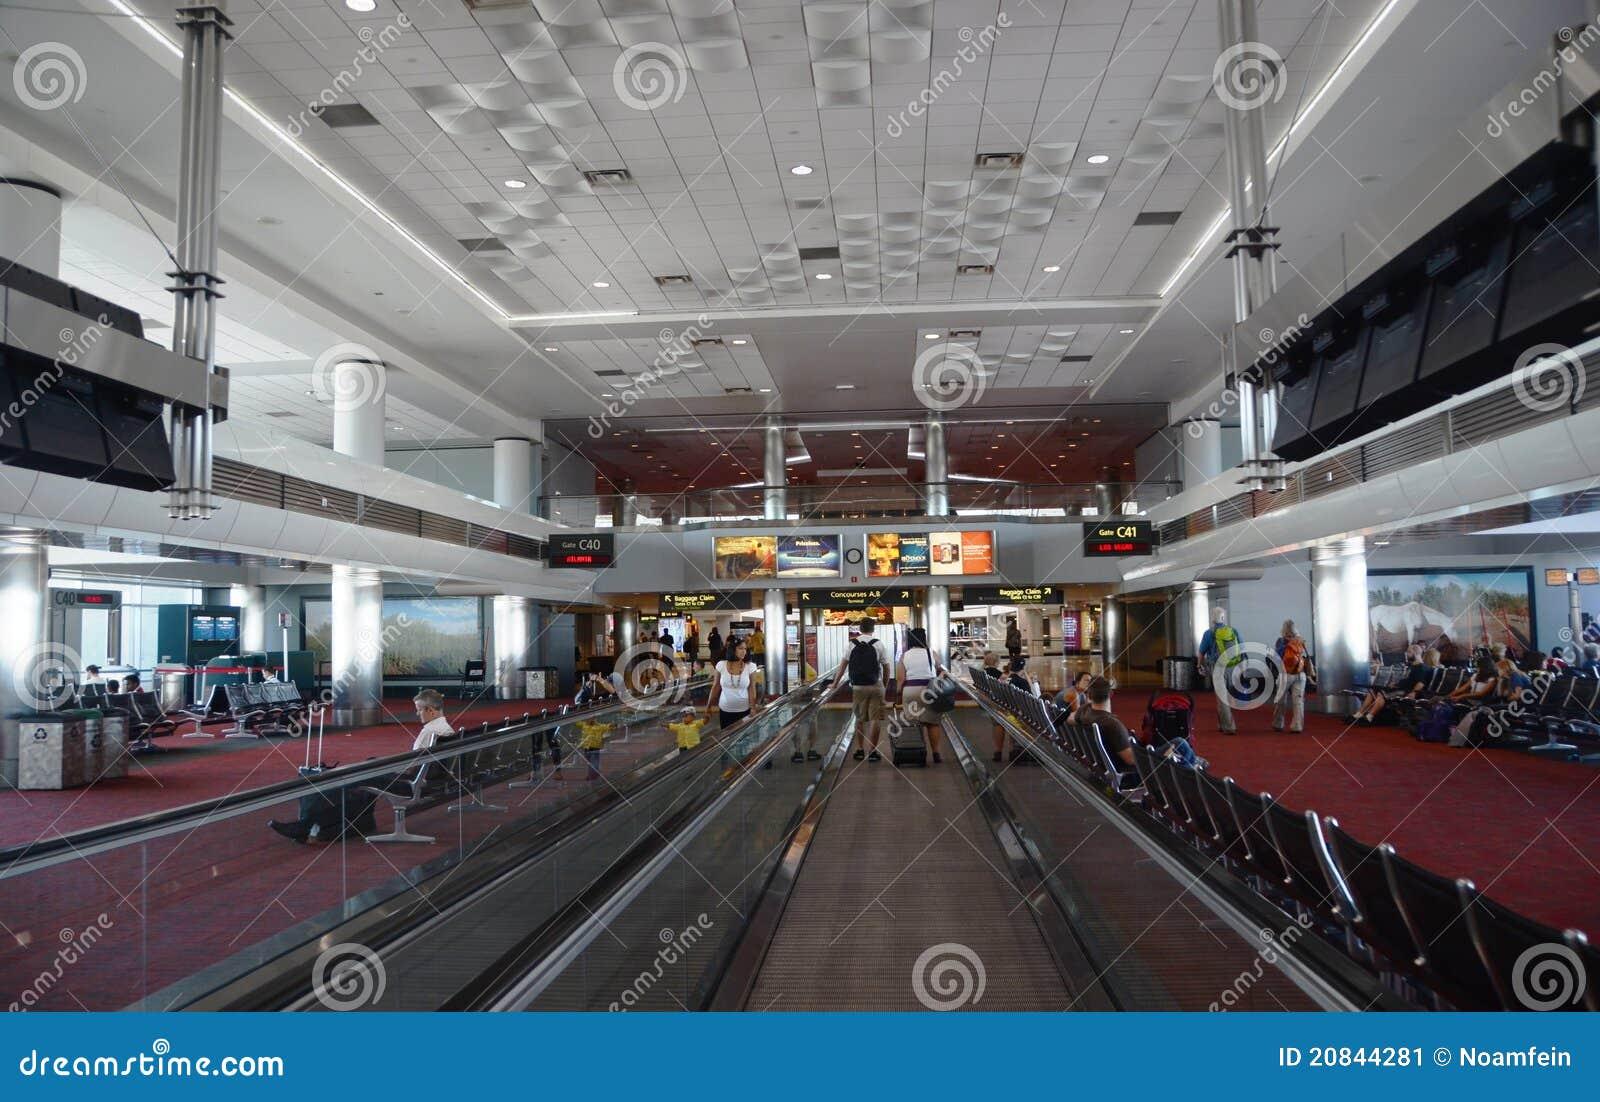 Interior del aeropuerto internacional de denver foto editorial imagen 20844281 - Foto foto interior ...